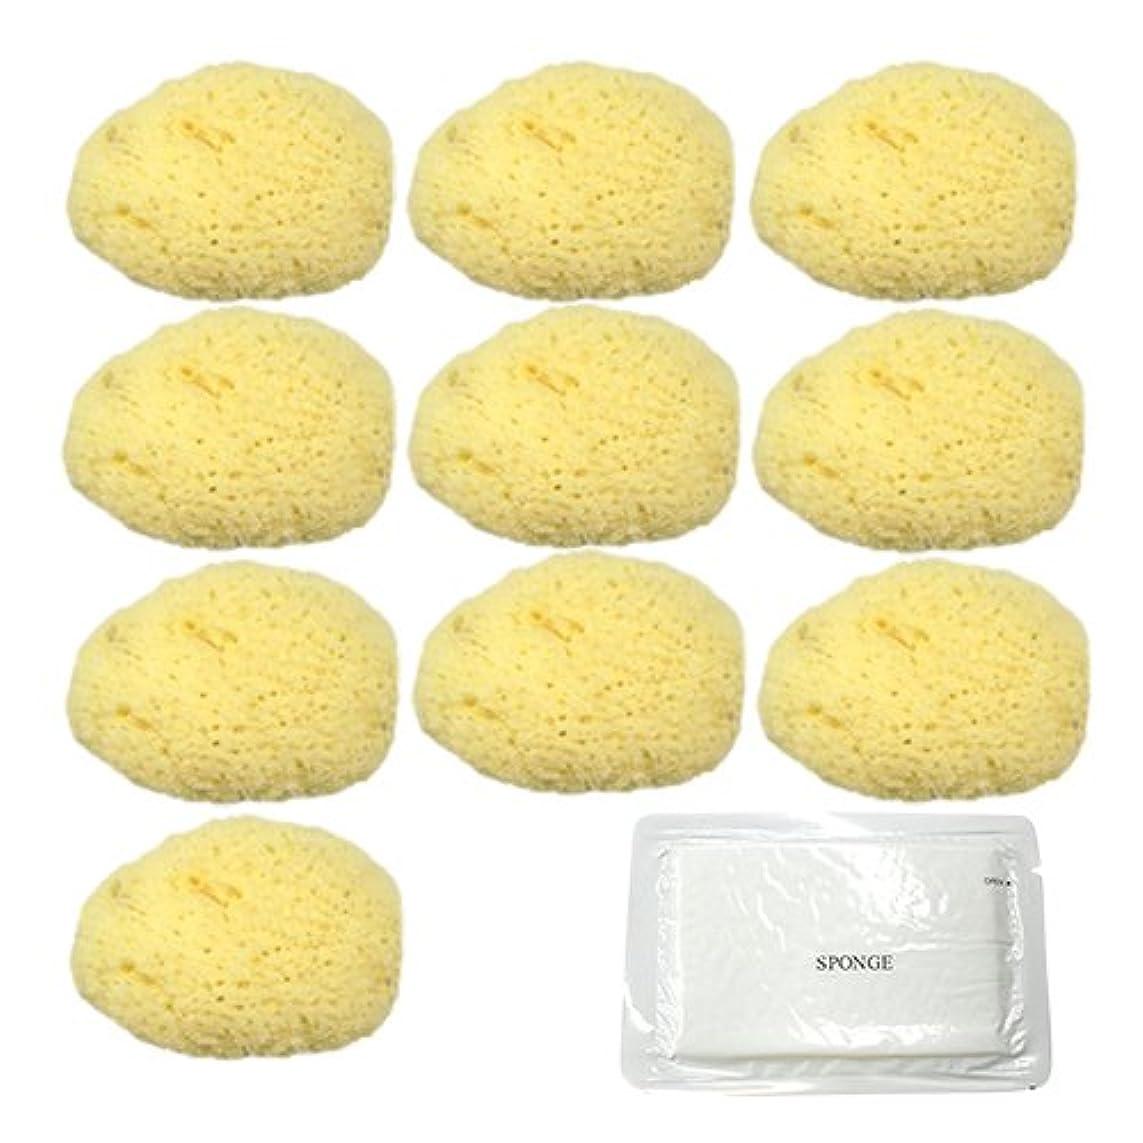 中級アッティカス勇者ユタカ 天然海綿スポンジ(フェイススポンジ) 大 × 10個 + 圧縮スポンジセット